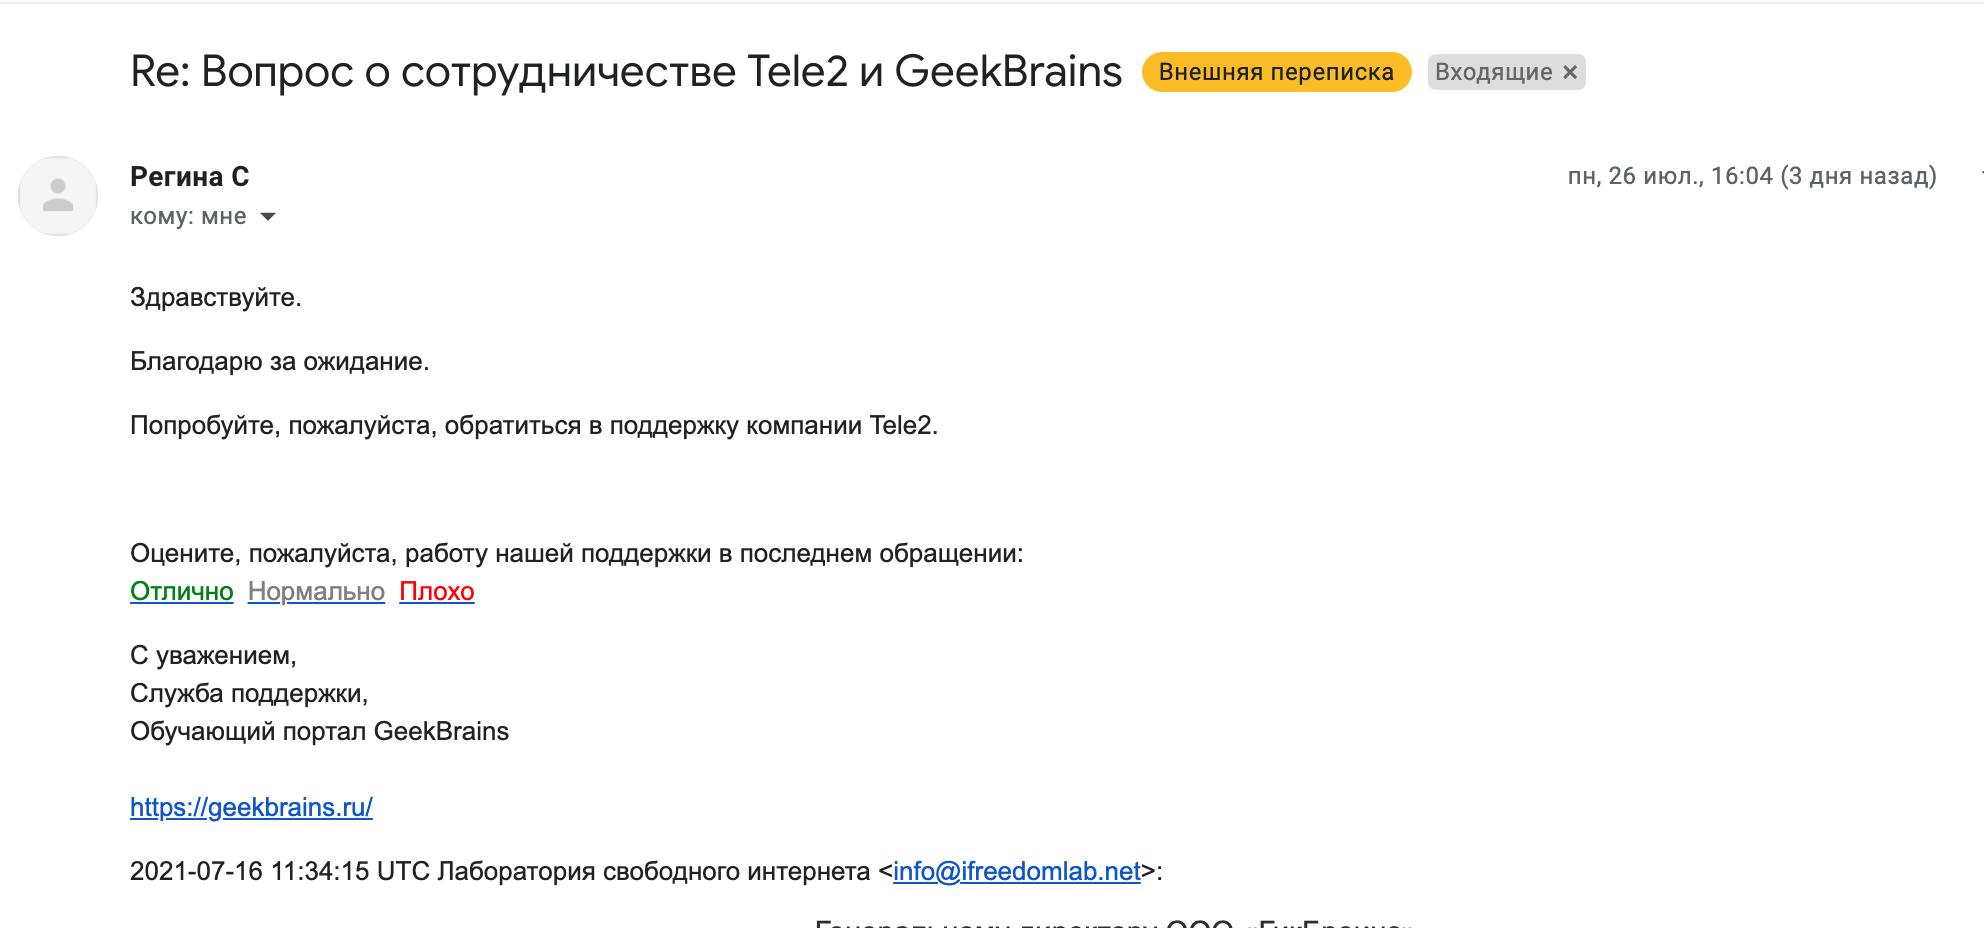 Скрытые мобильные подписки Tele2: разбираемся, как все устроено - 2